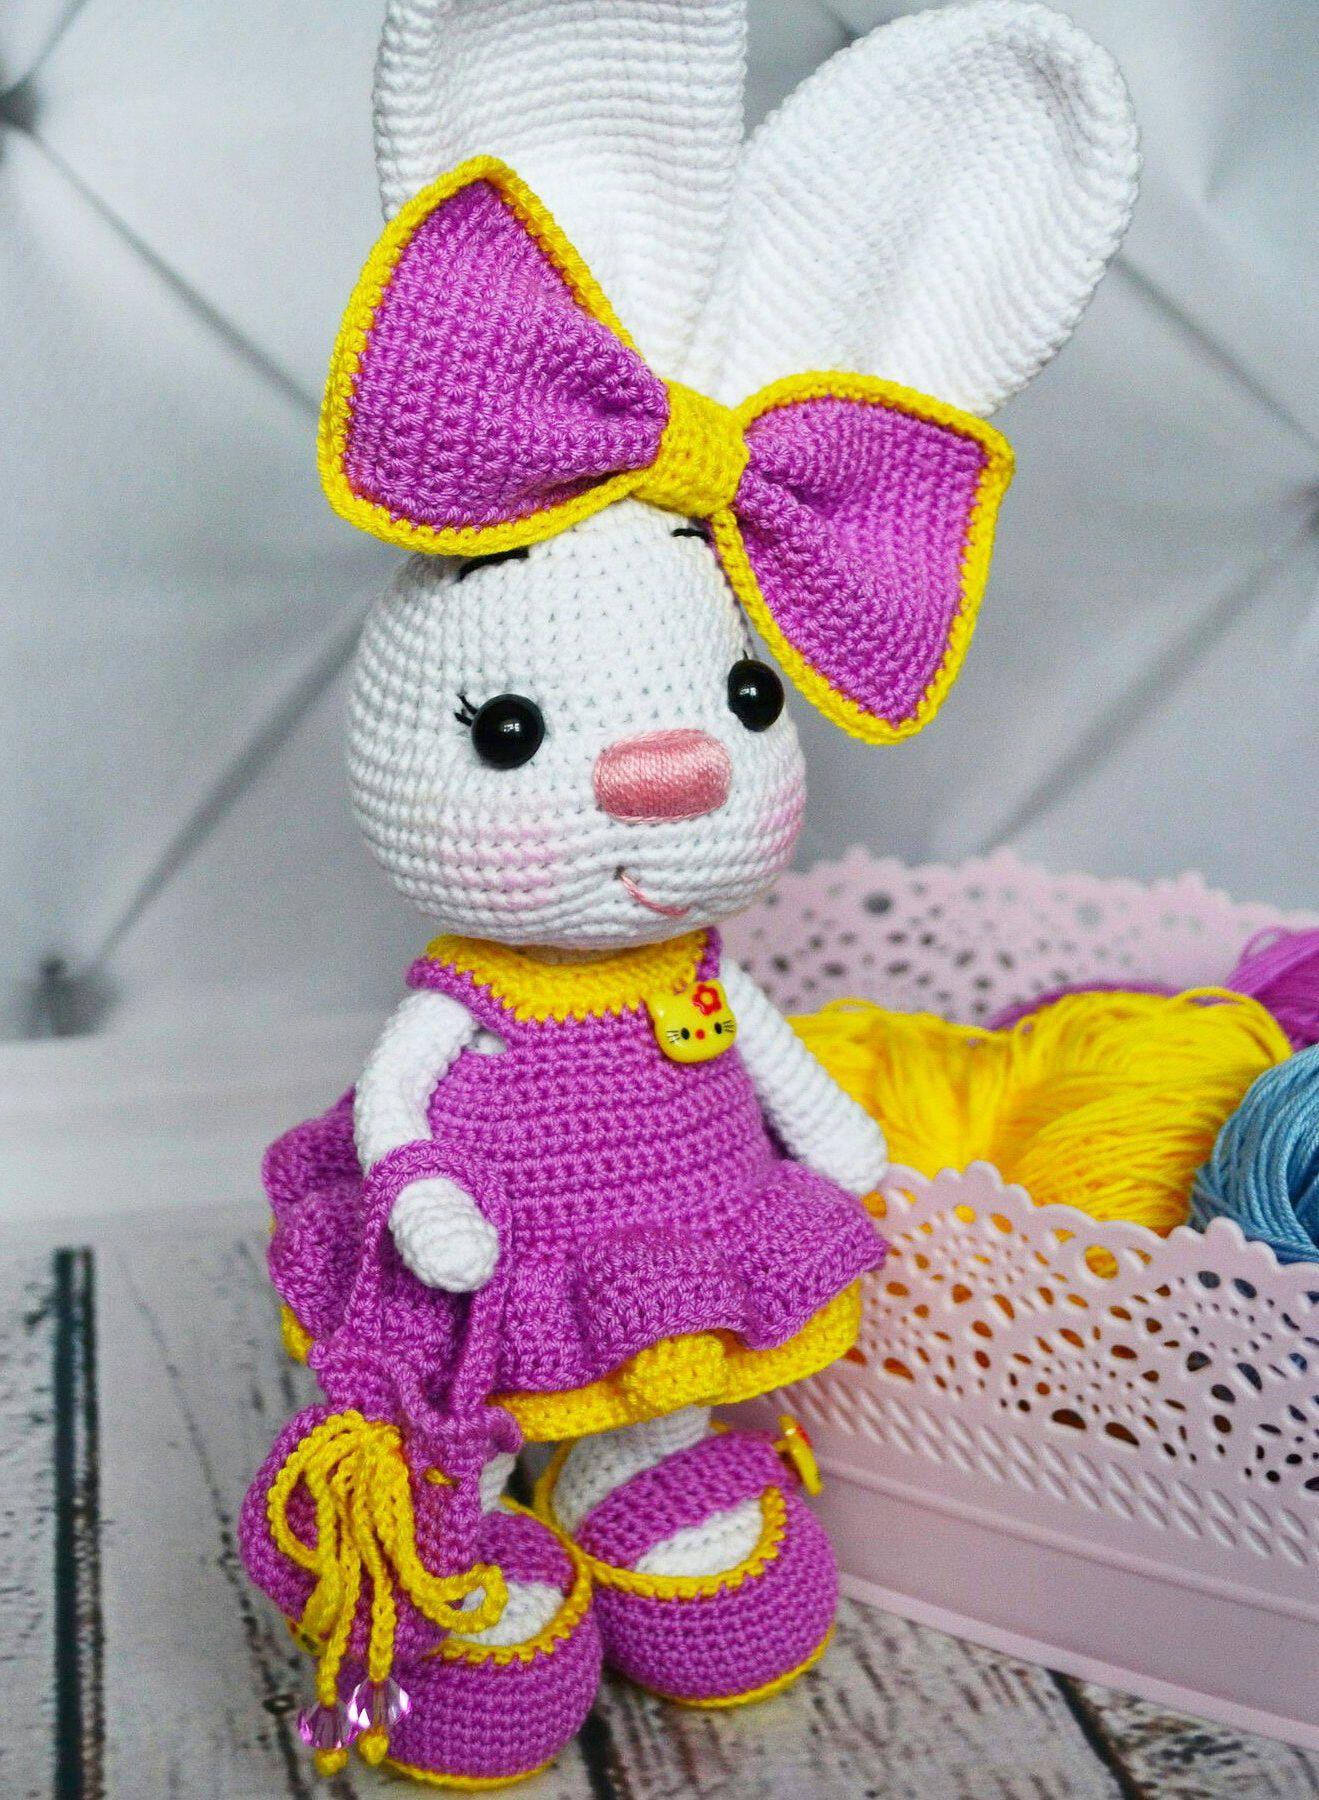 Pretty Bunny amigurumi in pink dress - Amigurumi Today | 1800x1319